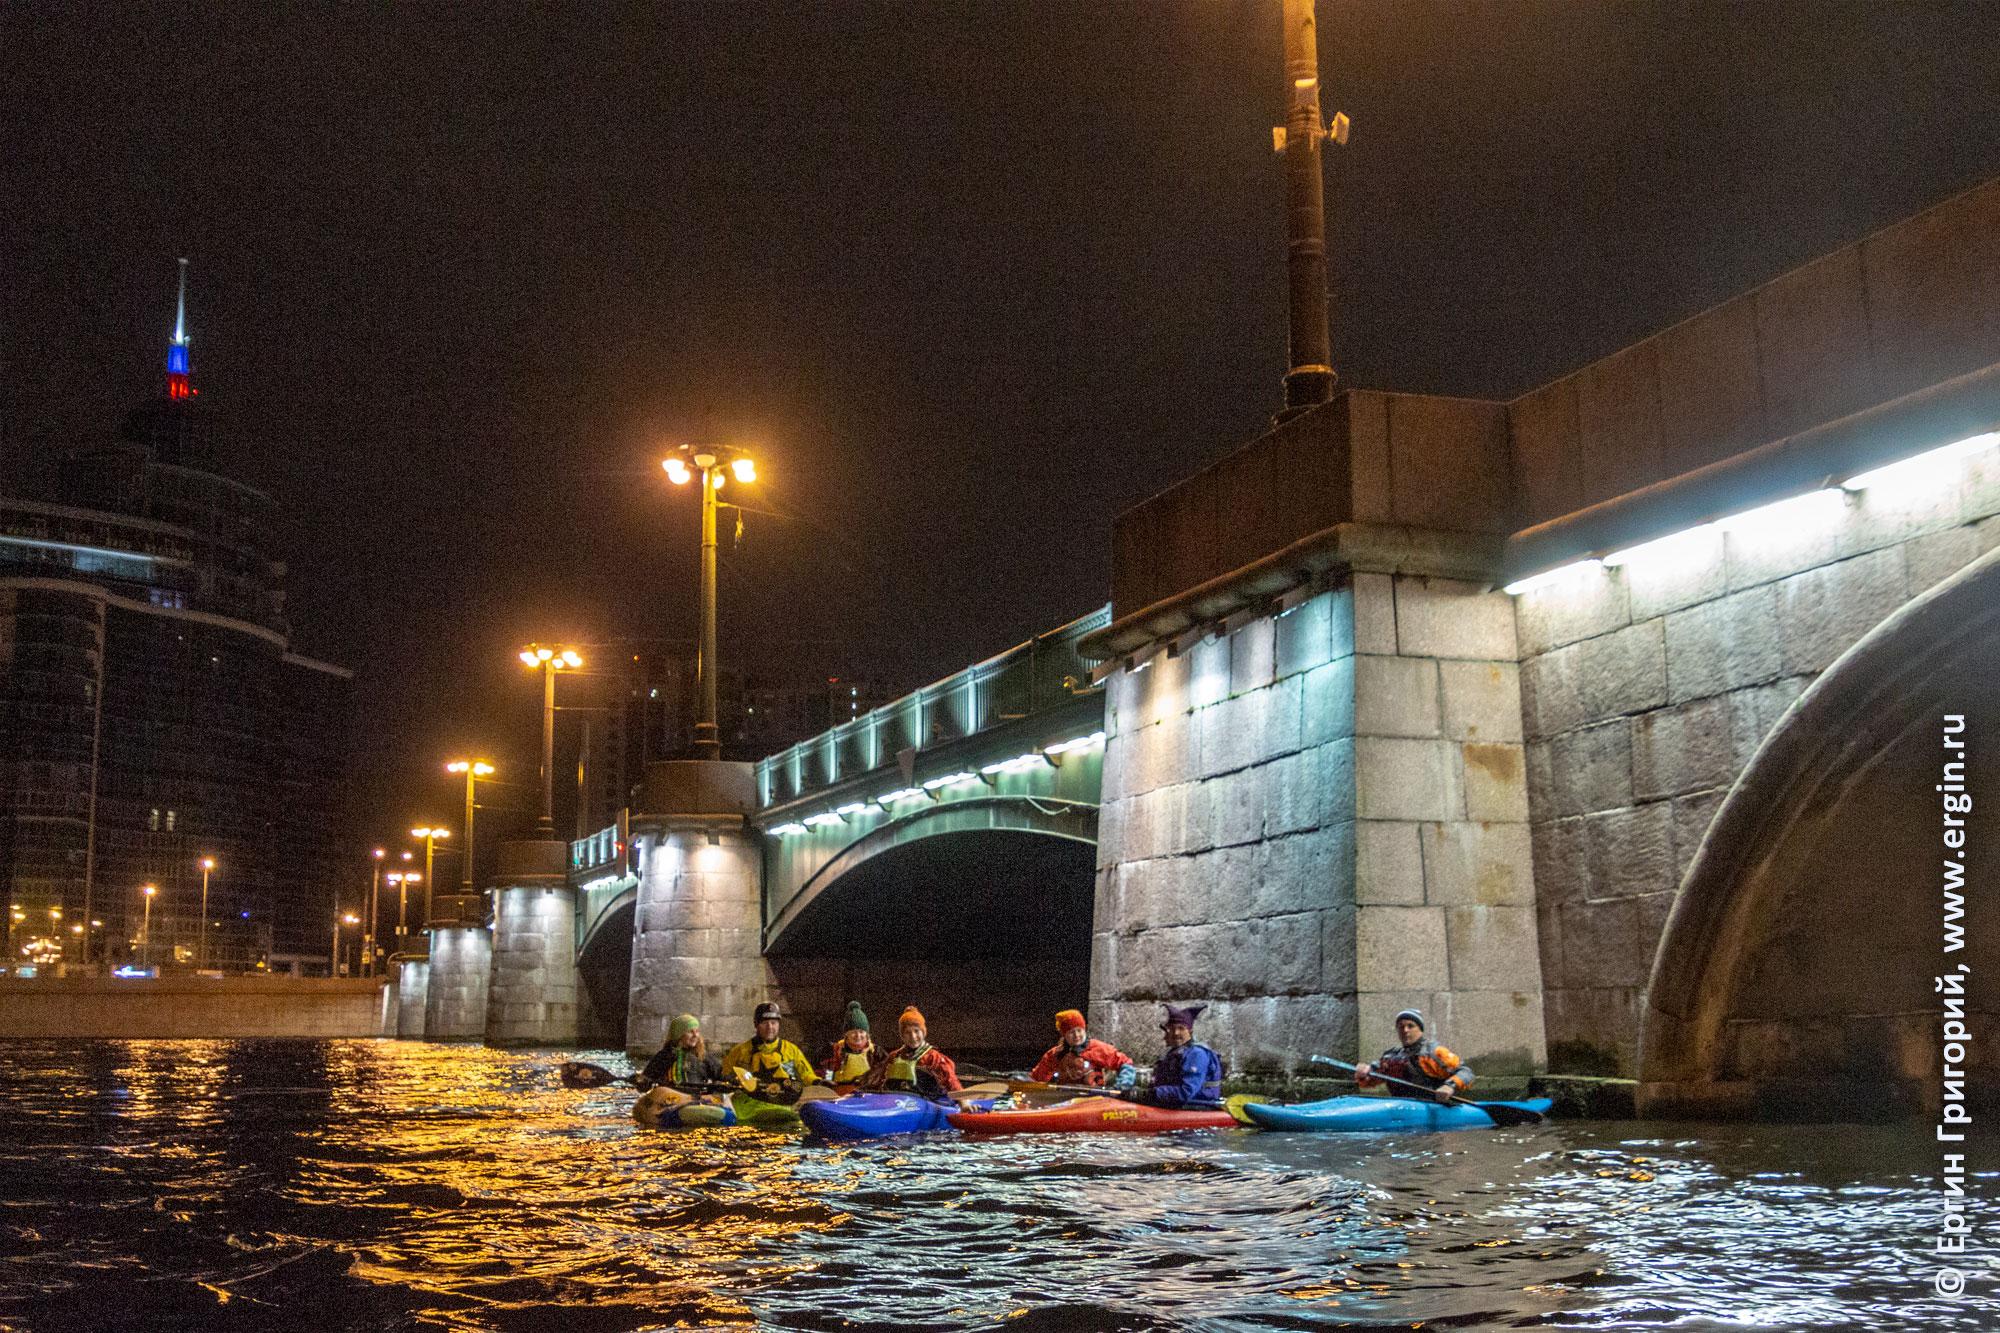 Каякеры на Неве возле Сампсониевского моста в Питере